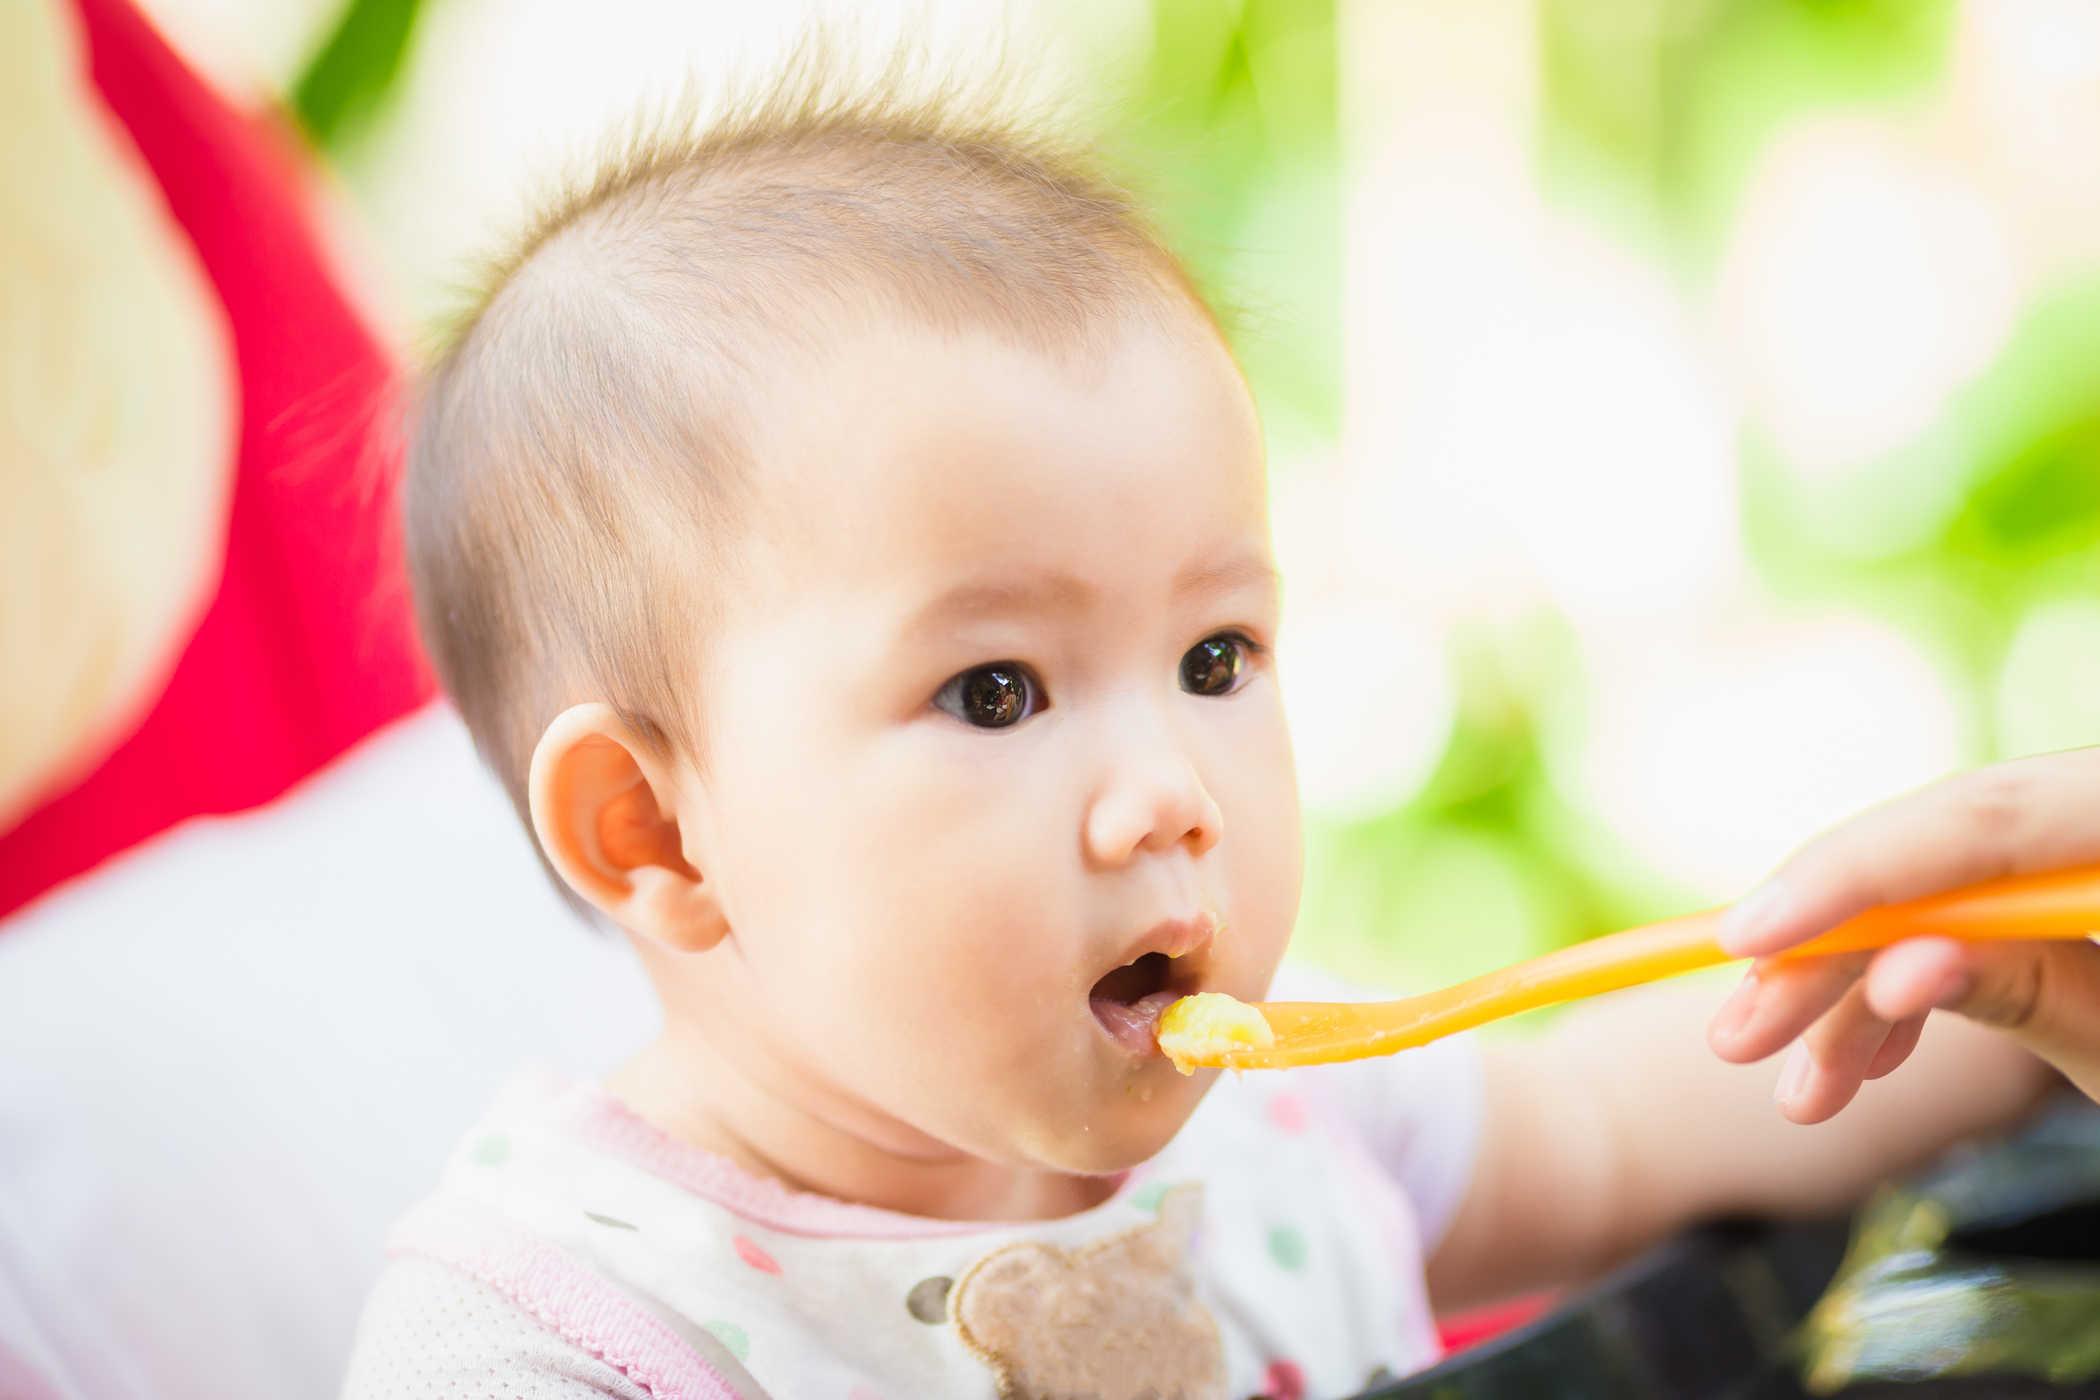 Lựa chọn thực phẩm giúp tăng cường hệ miễn dịch